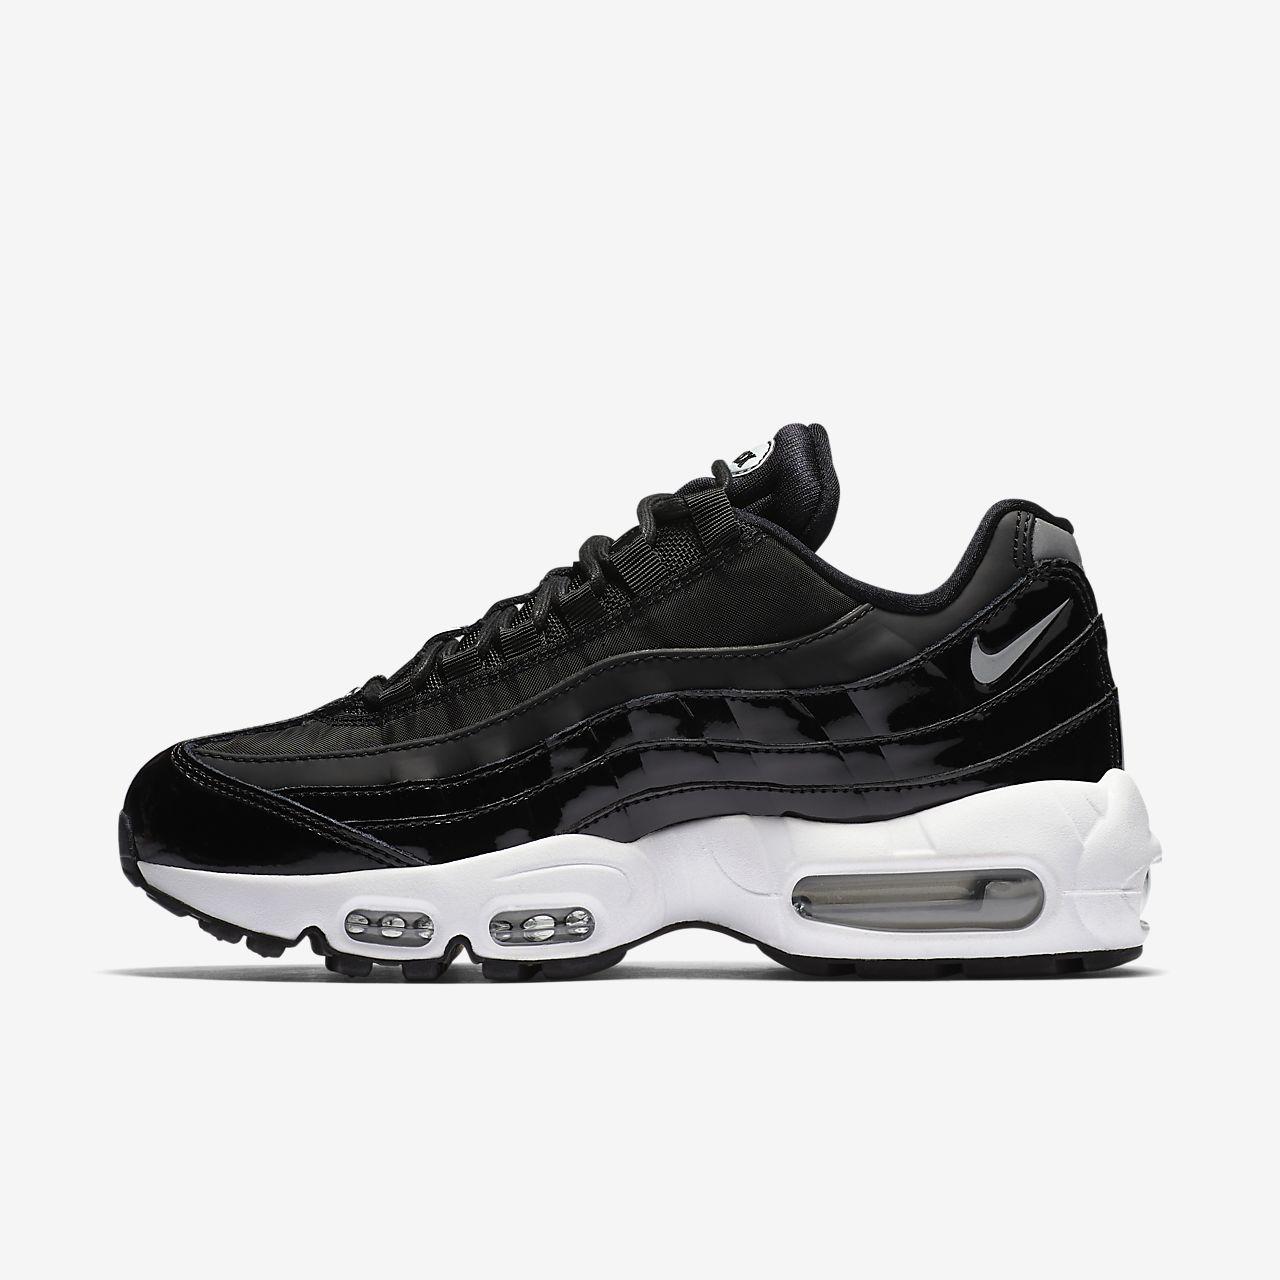 2018 Nouveau   Chaussures de course pour - Nike Air Max 95 EM Noir Pas Cher  Magasin - Hommes 2019 2002 2017 nike air max 95 ultra se pas cher 168ff6d81730